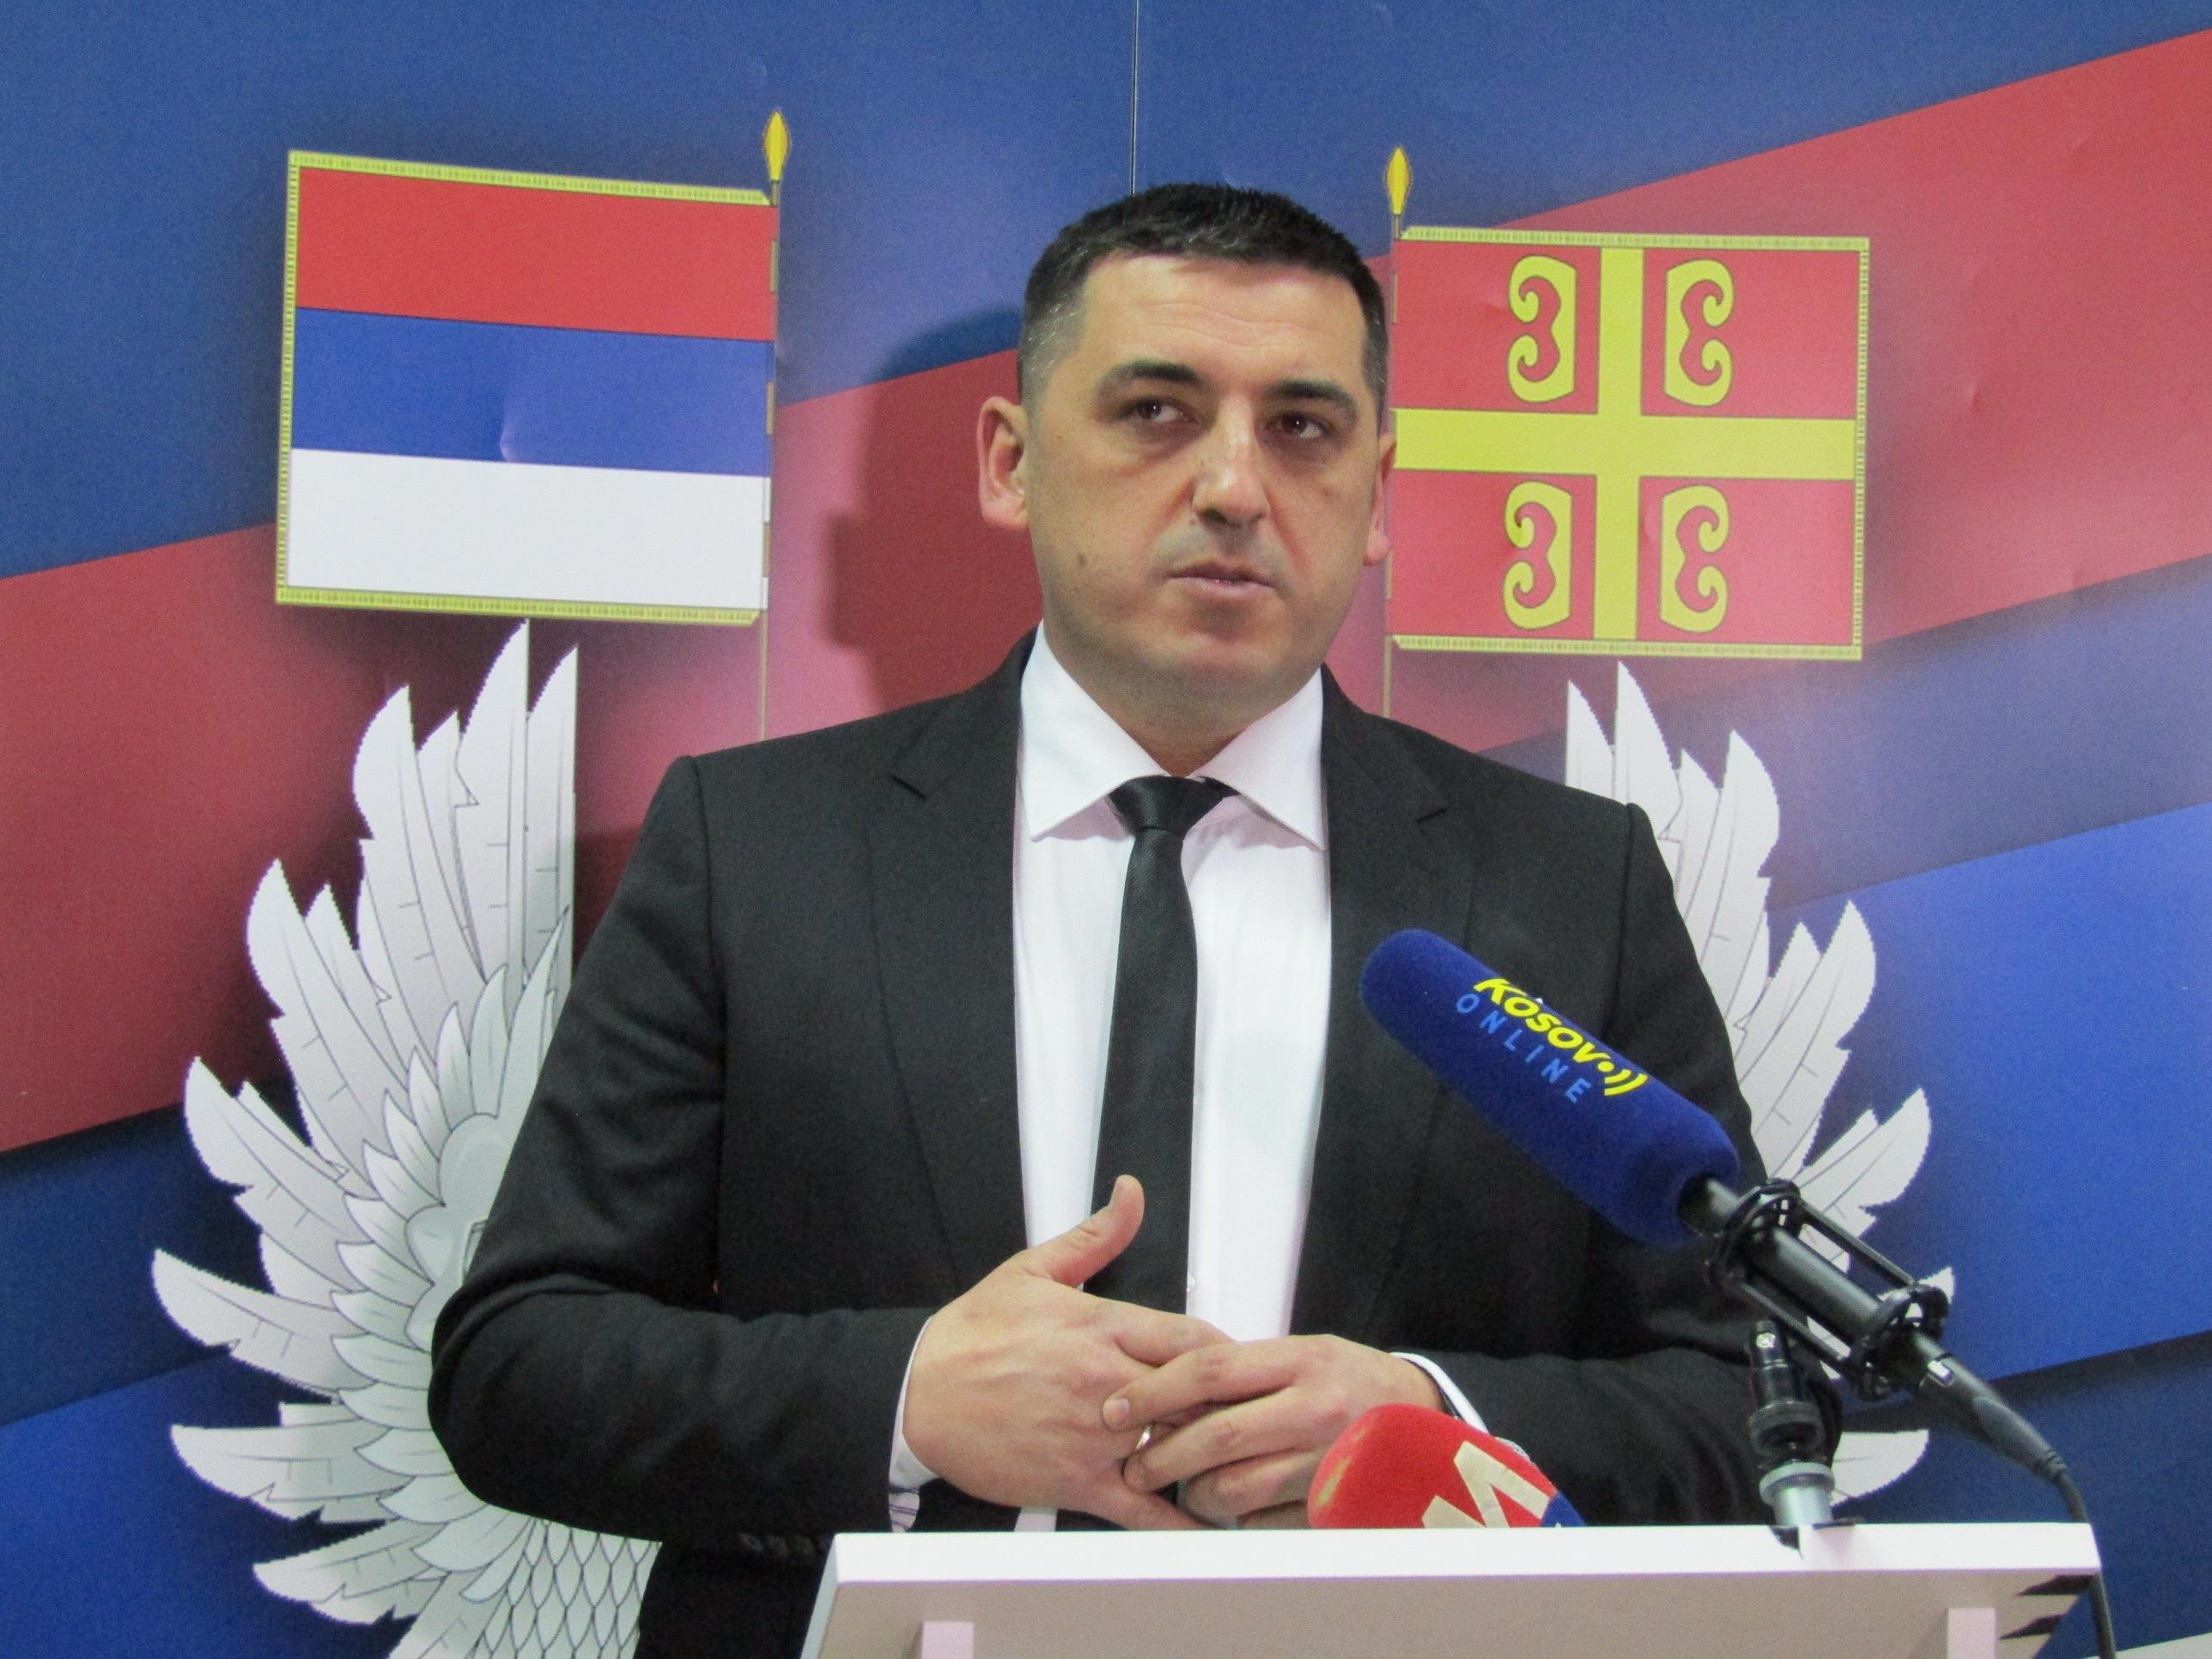 kosovska-mitrovica-radovi-na-novom-kruznom-toku-startuju-2-marta